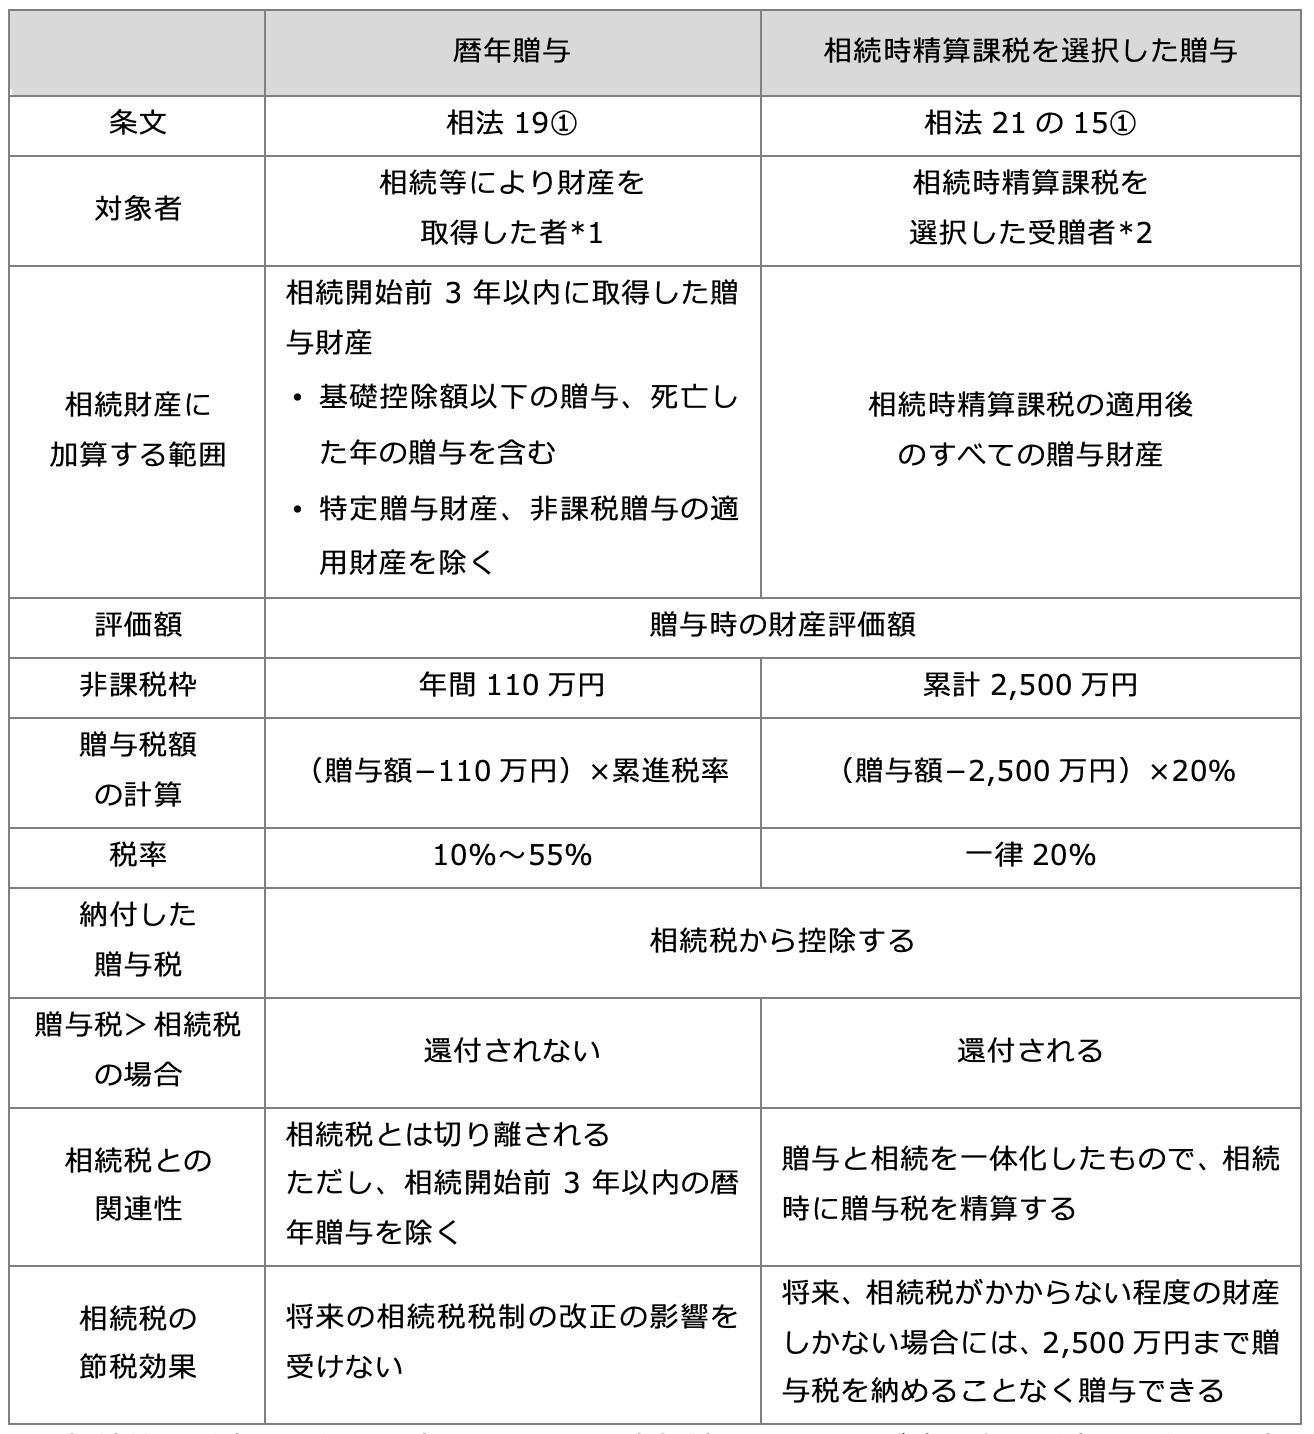 相続税の課税対象となる贈与財産